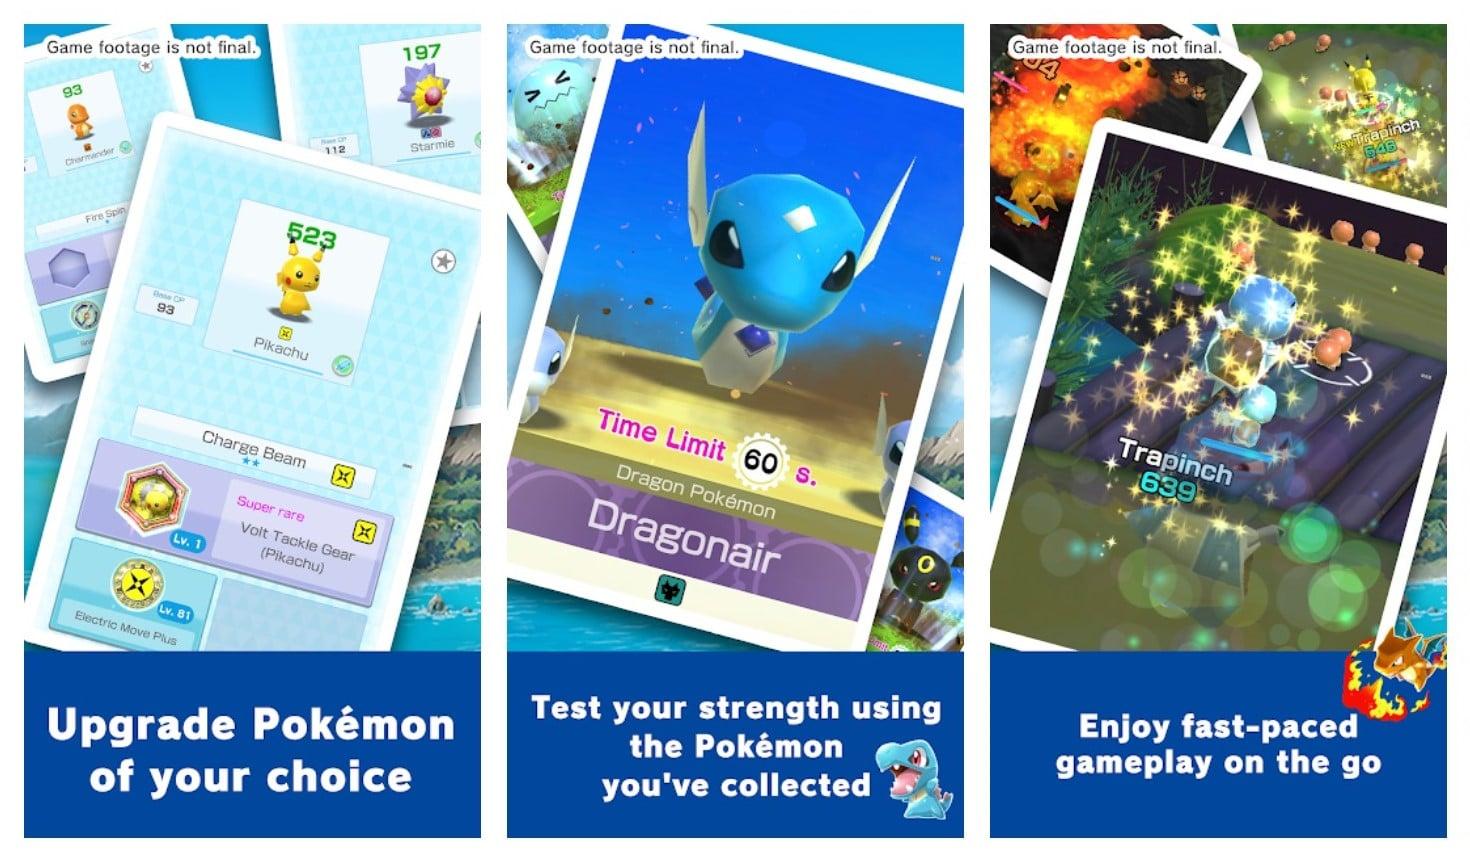 Nintendo ogłasza testy nowej gry z Pokemonami na smartfony